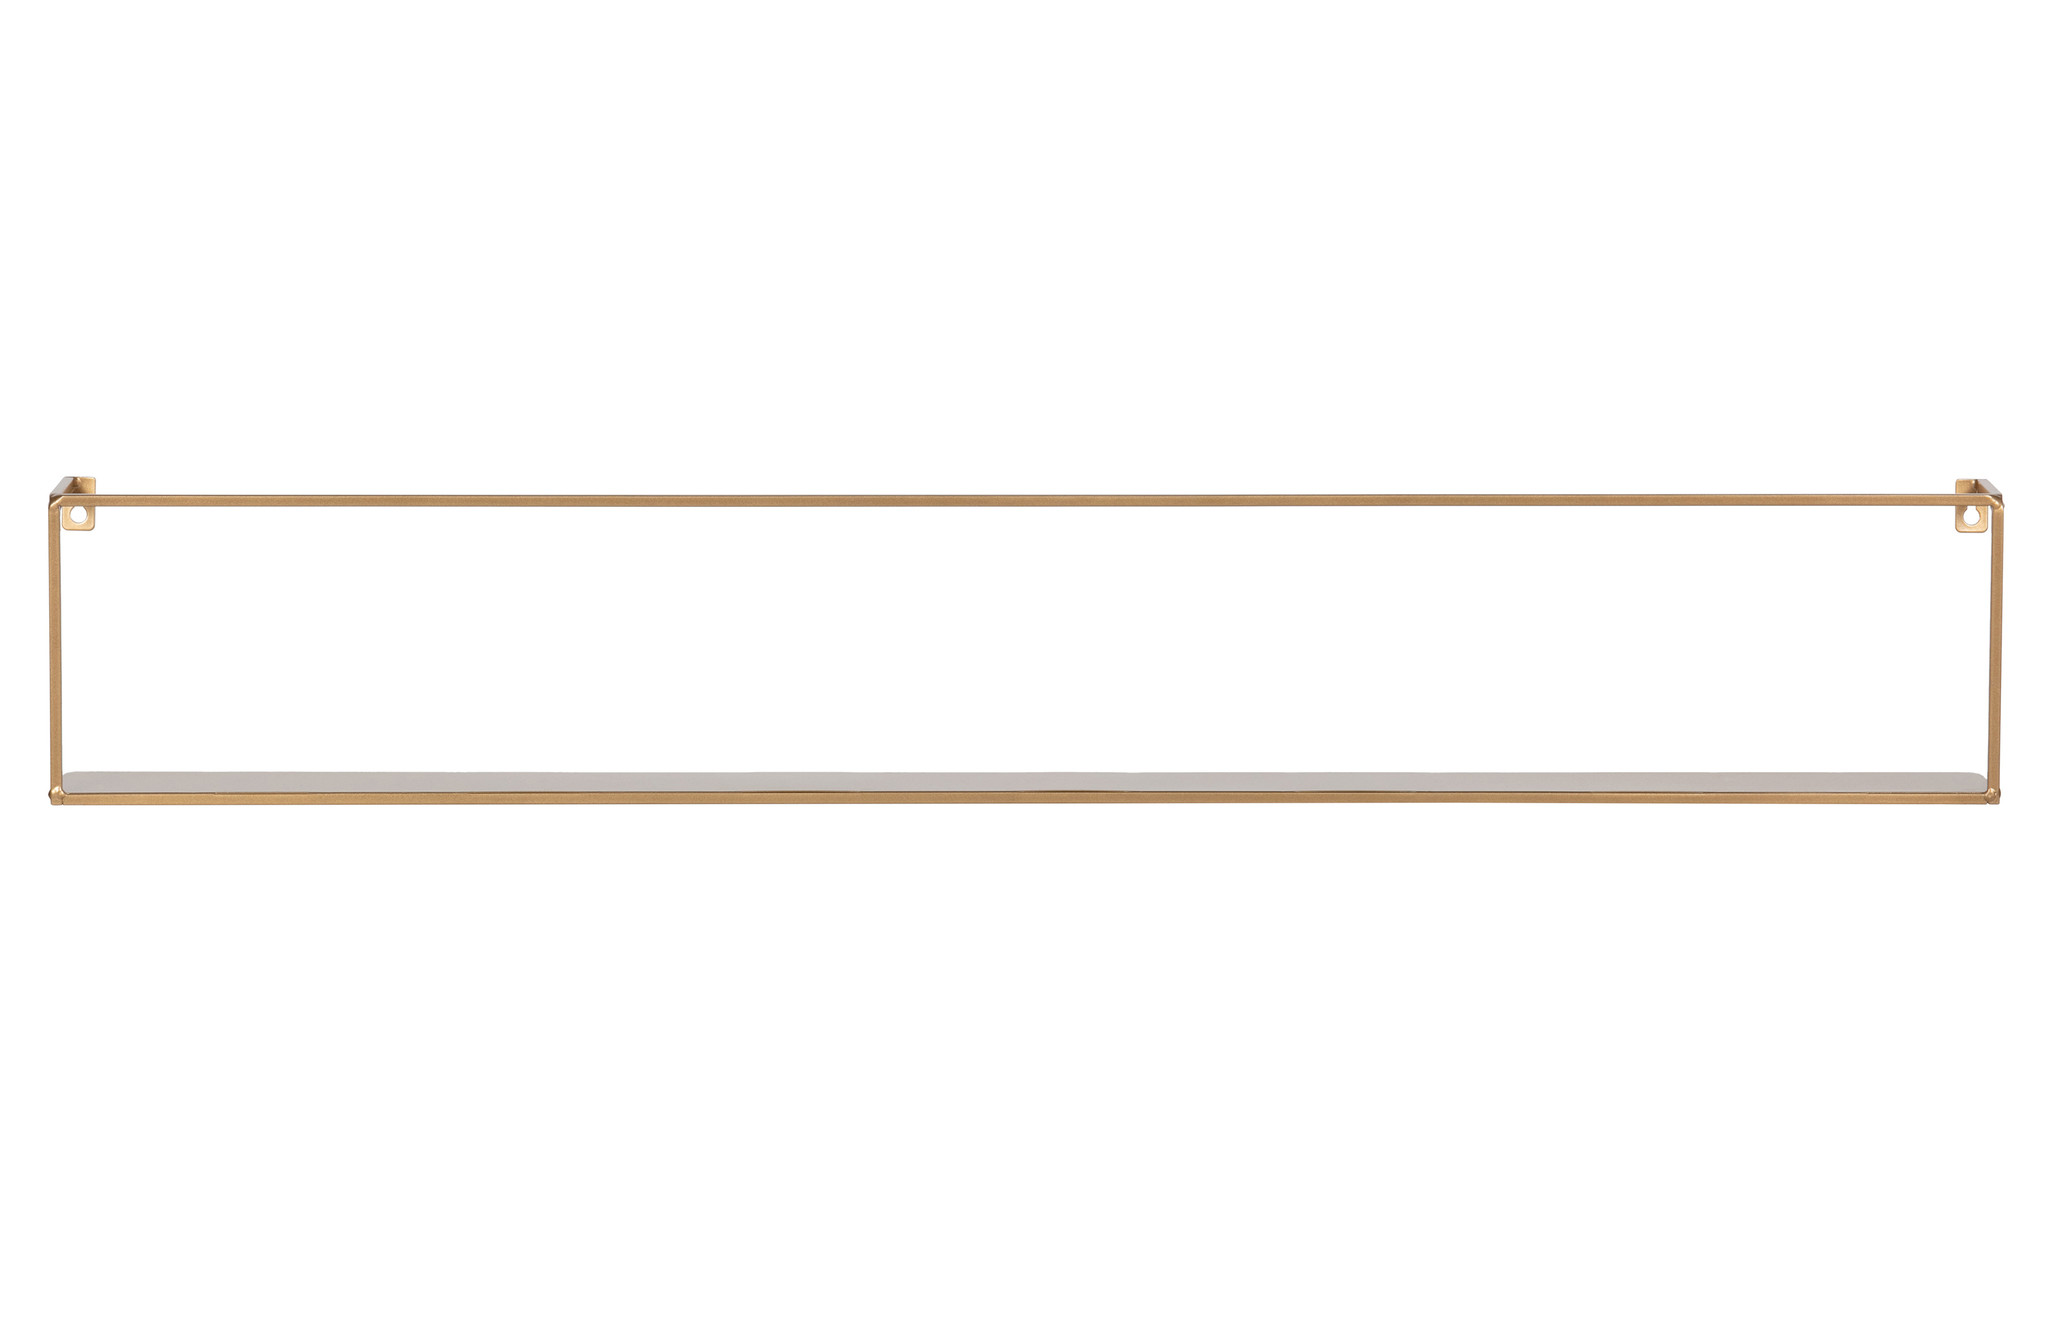 Woood wandplank Meert, goud, 50 of 100 cm